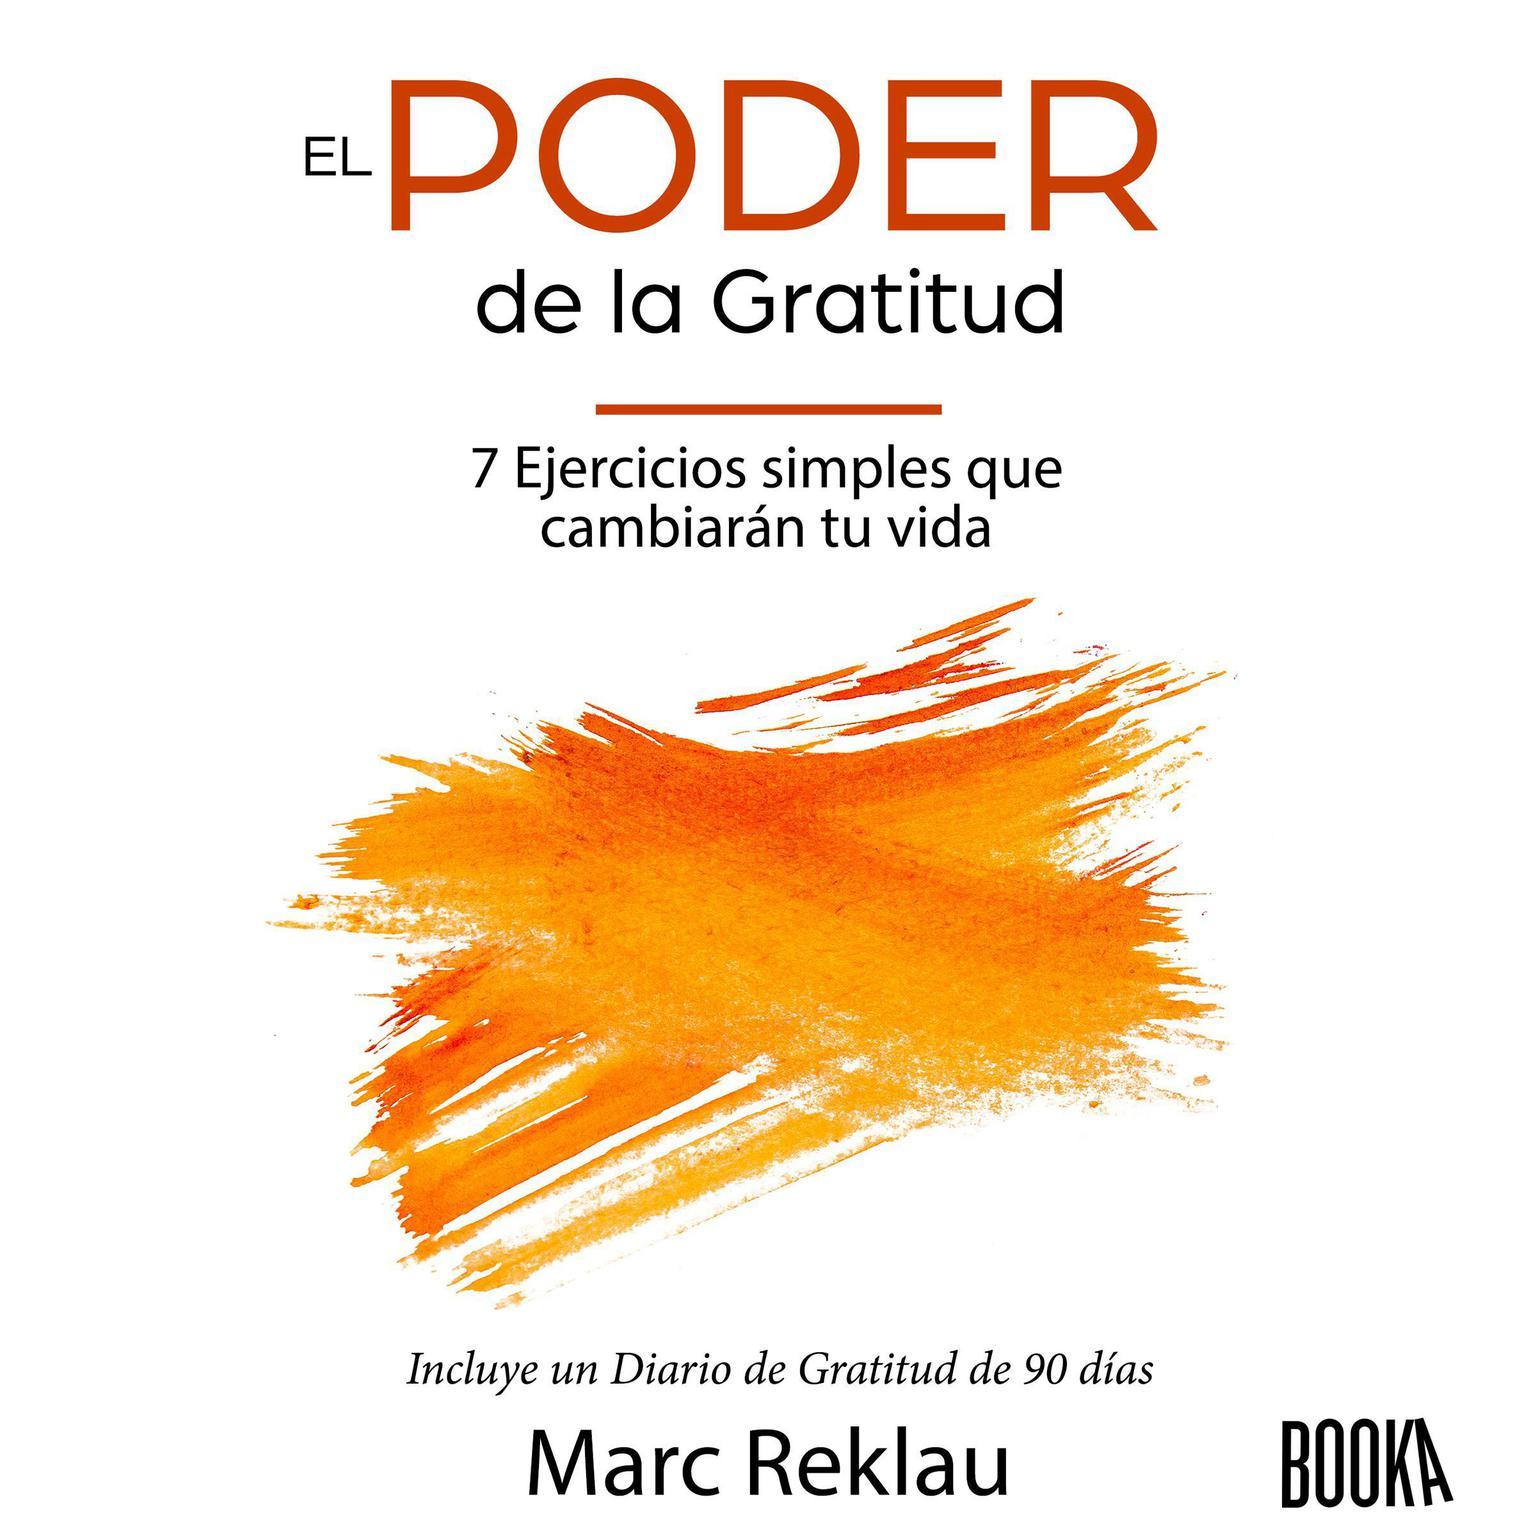 El Poder de la Gratitud: 7 Ejercicios Simples que van a cambiar tu vida a mejor - incluye un diario de gratitud de 90 días (Hábitos Que Cambiarán Tu Vida) (Spanish Edition)  Audiobook, by Marc Reklau